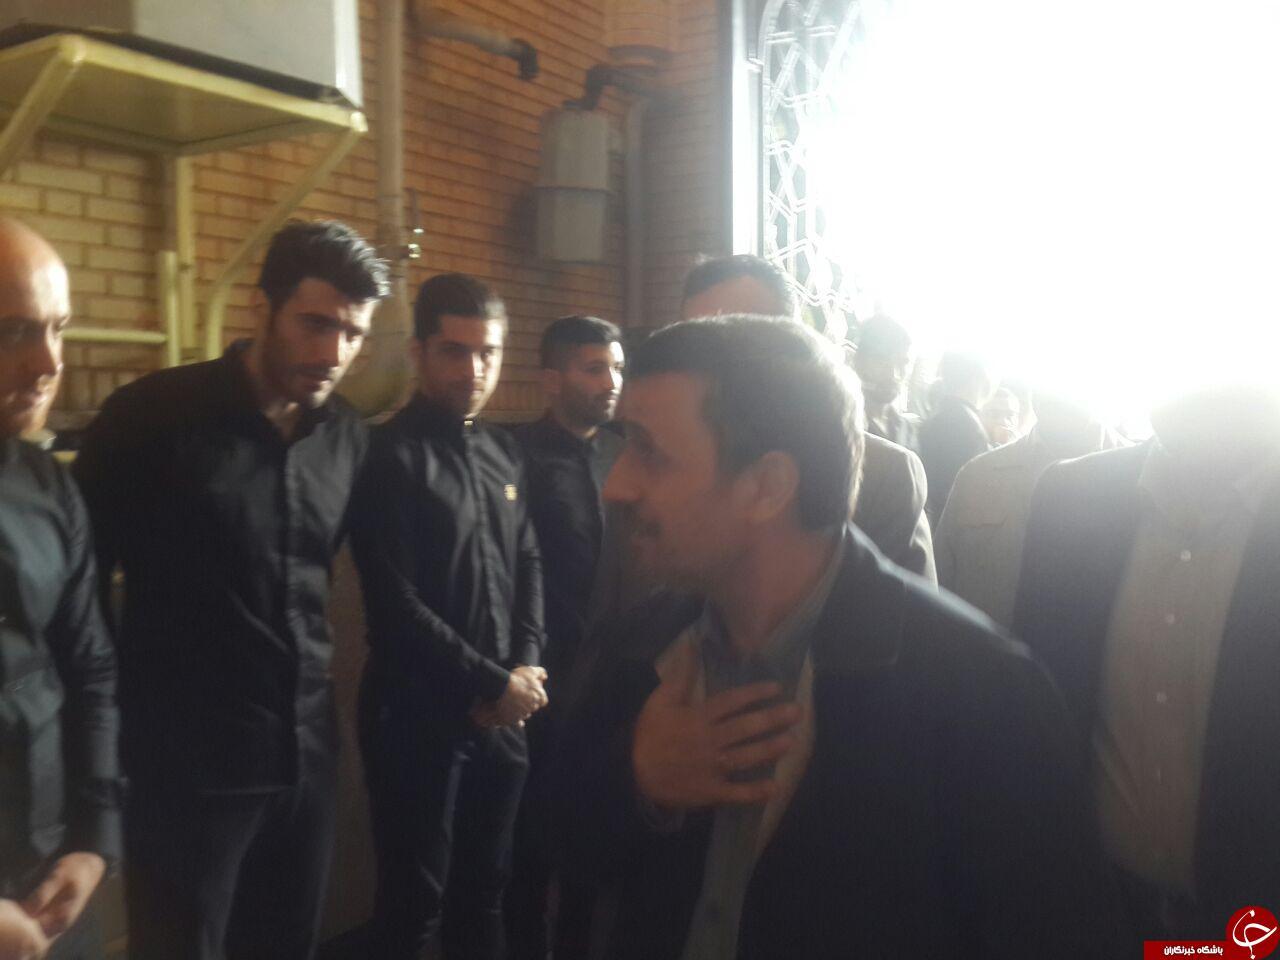 دیالوگ لو رفته میان احمدی نژاد و علی پروین در مجلس ختم هادی نوروزی+متن